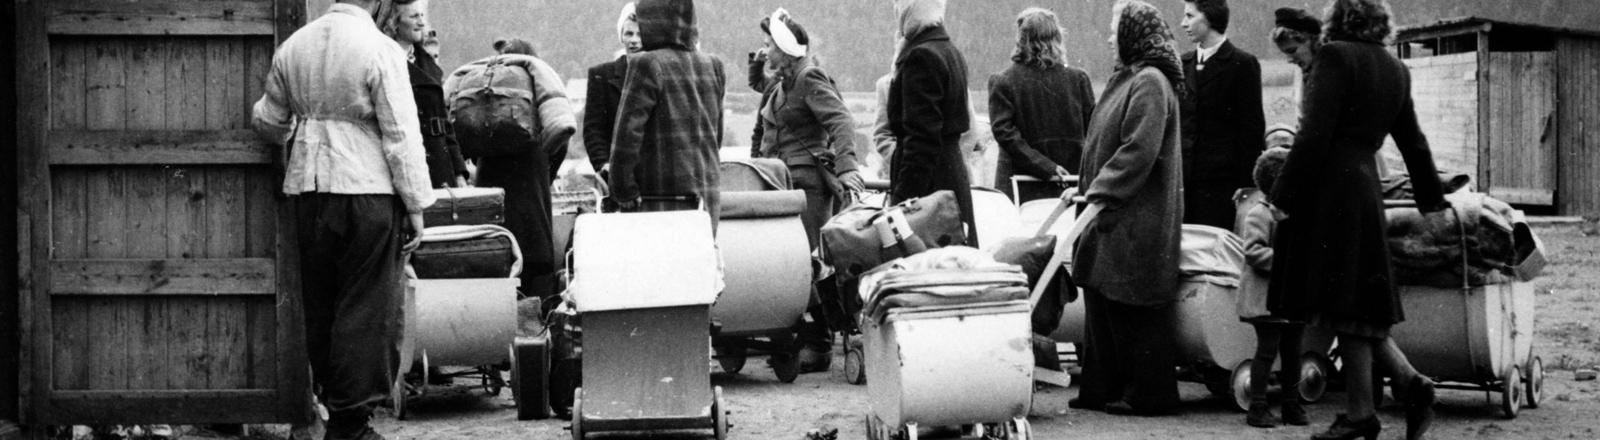 Norwegische Frauen, die während des Zweiten Weltkriegs Kinder von deutschen Besatzern bekommen haben, aufgenommen 1946 bei ihre Ausreise nach Deutschland. Viele der Kinder wurden im Rahmen des arischen Lebensborn-Programms der Nazis gezeugt.